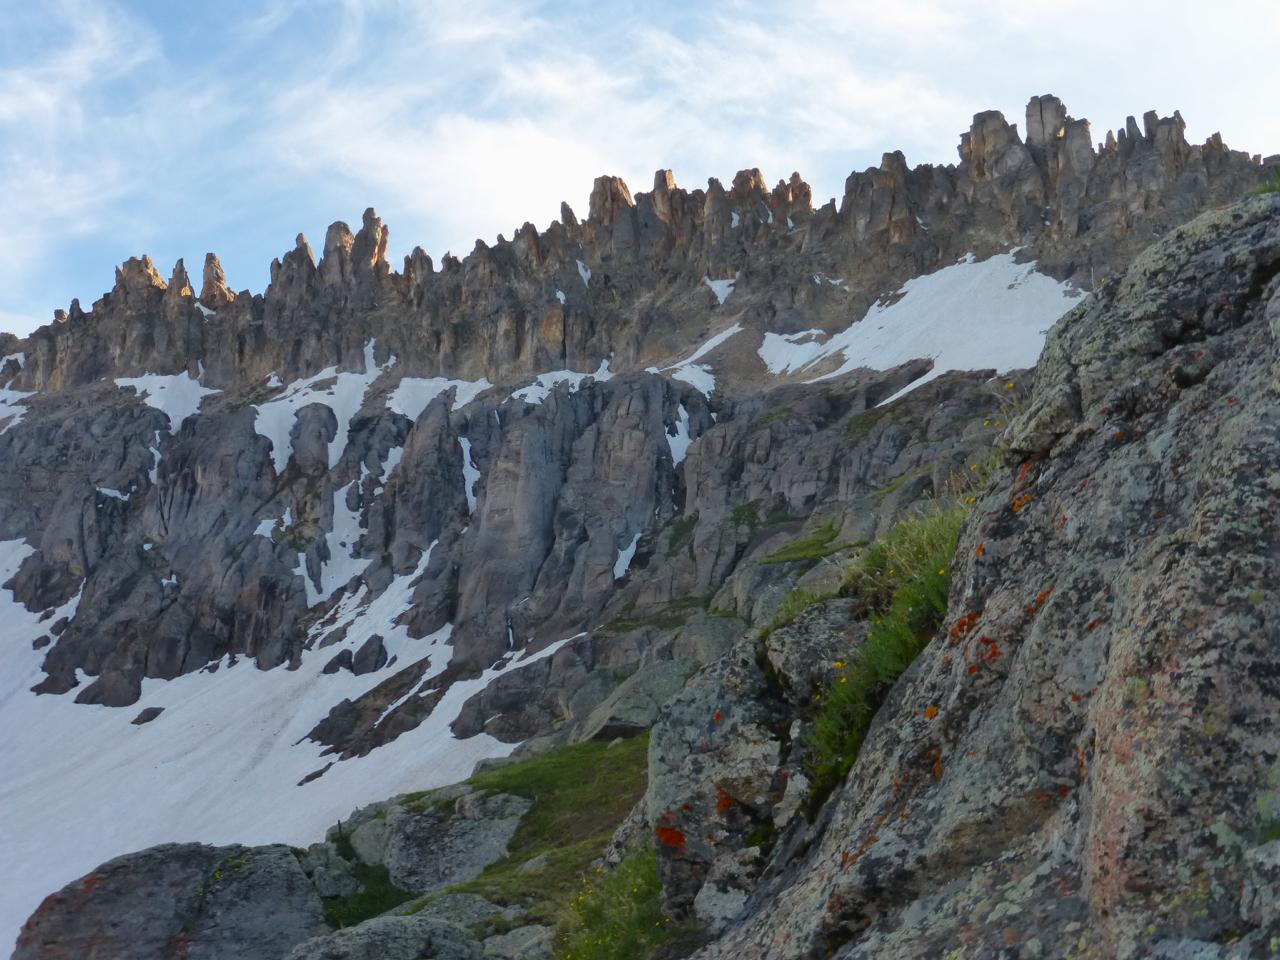 Santa Sophia ridge fr upr Gov basin